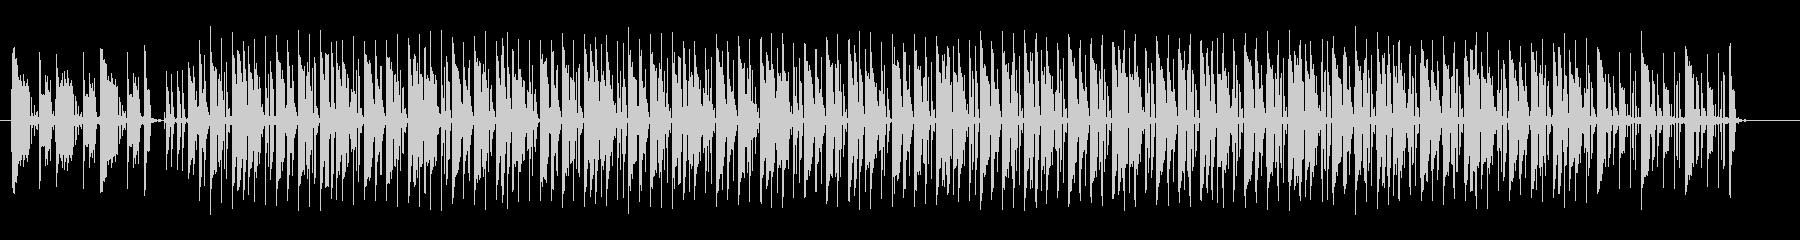 躍動感とグルーブ感漂うDJミュージックの未再生の波形